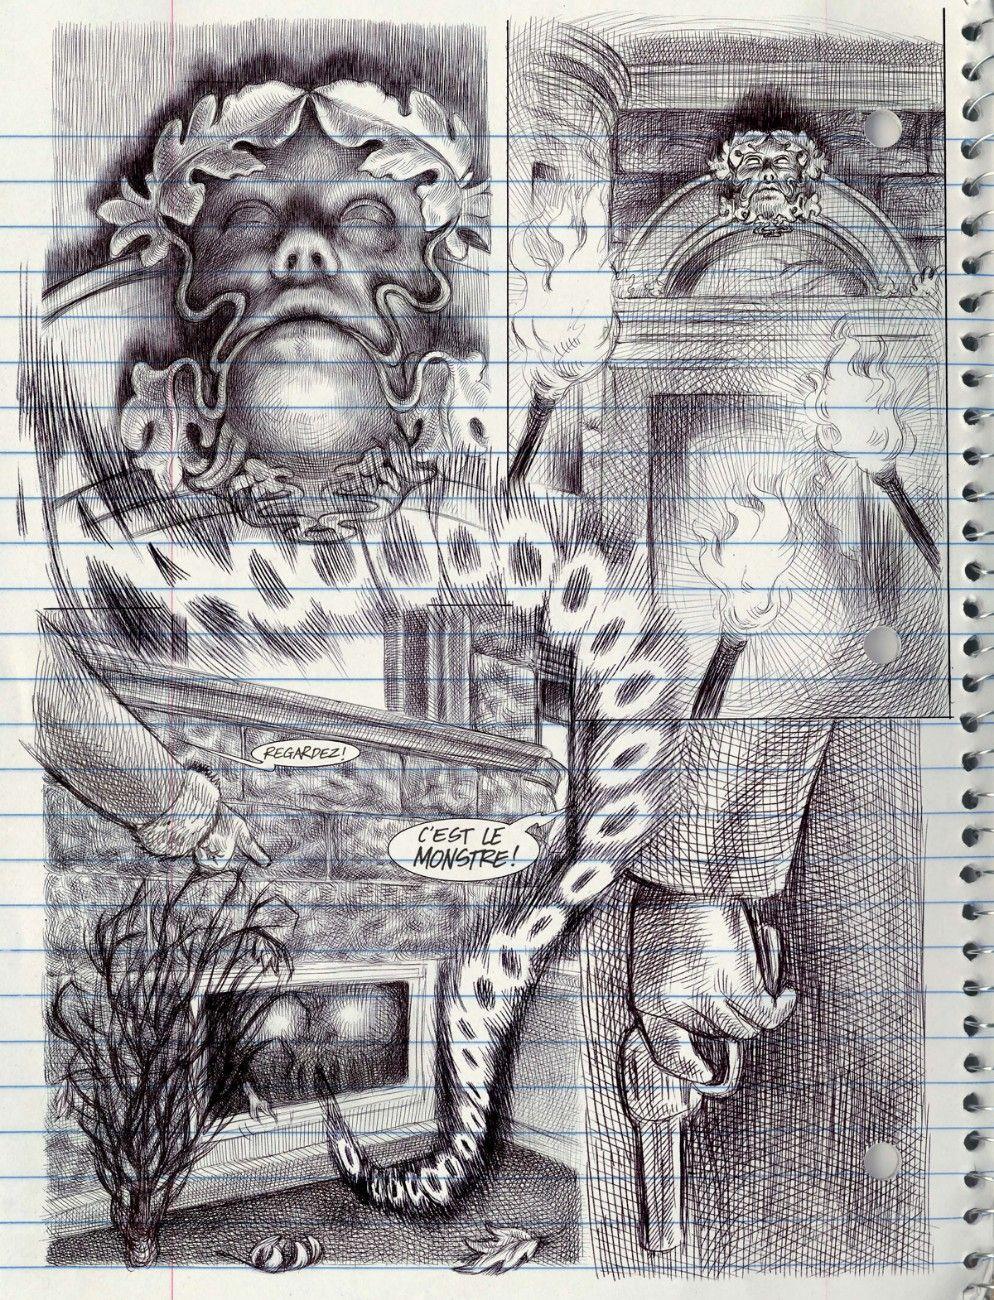 Moi Ce Que J'aime C'est Les Monstres Tome 2 : j'aime, c'est, monstres, Ferris, Magazine, Dessins, Sympas,, Illustration,, Roman, Graphique